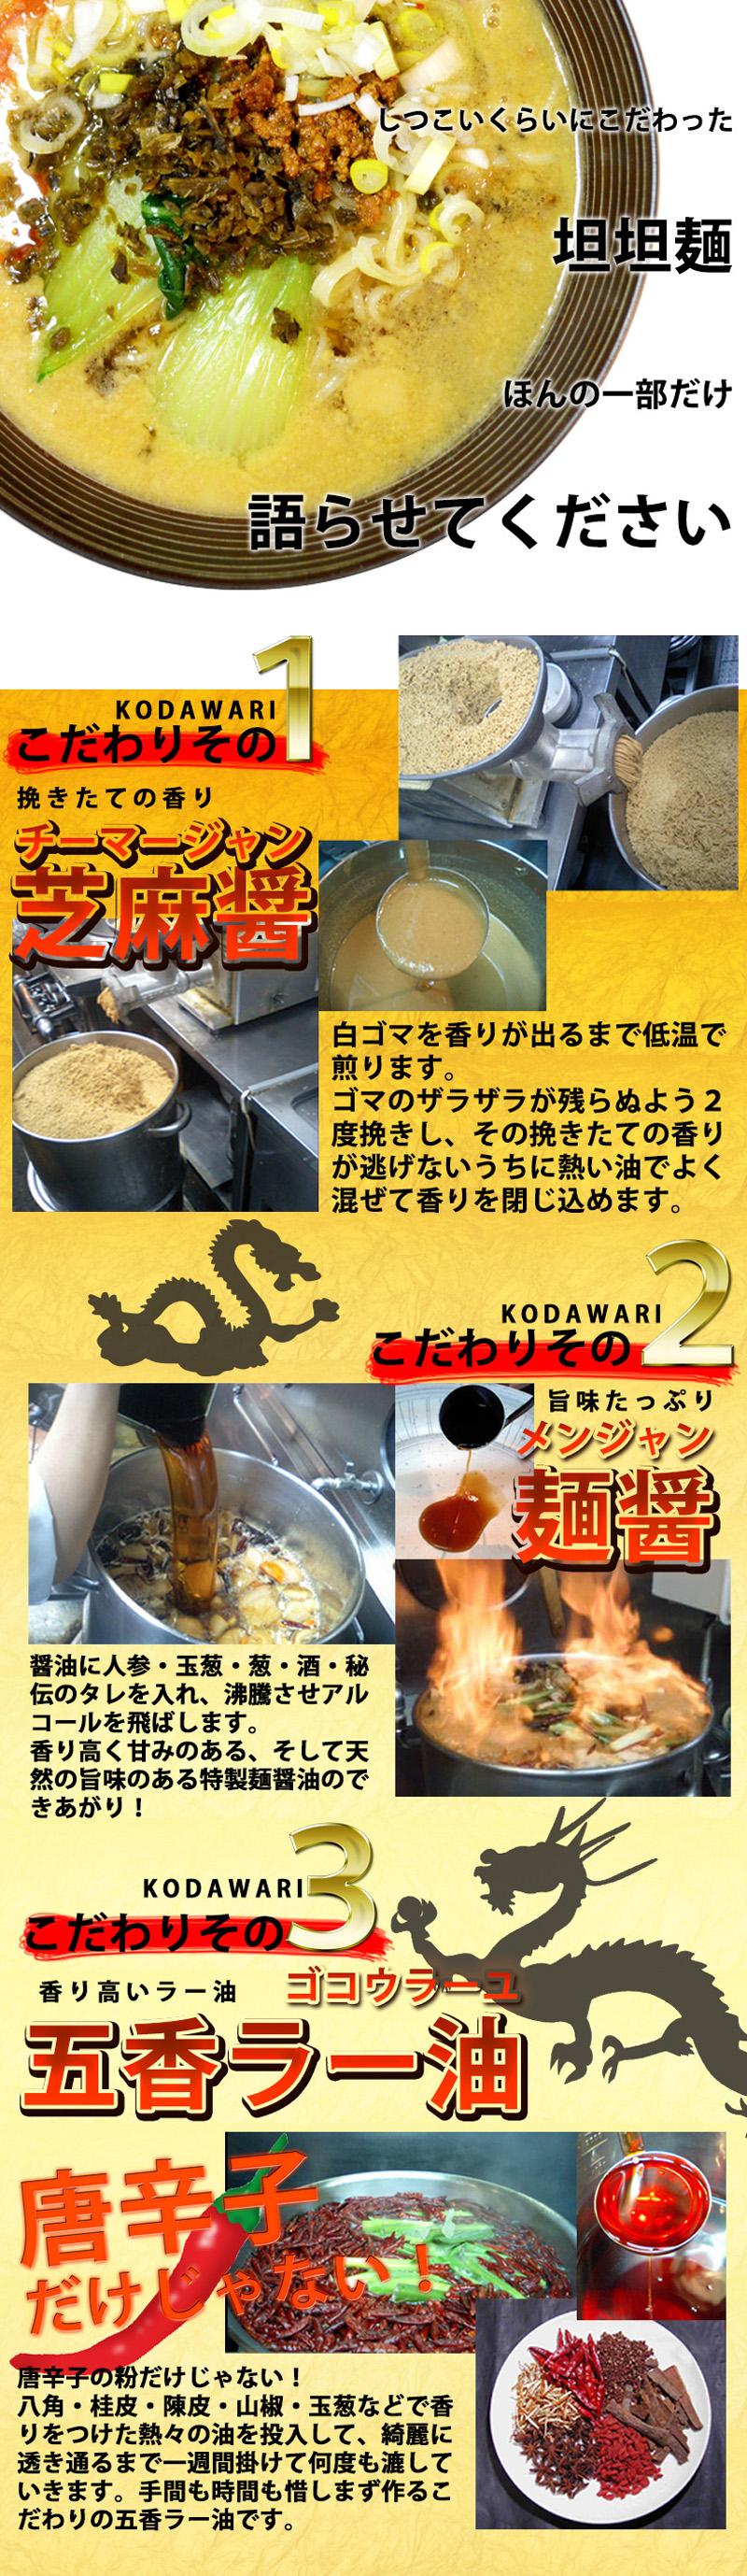 坦々麺専門店 濃厚プレミアム坦々麺